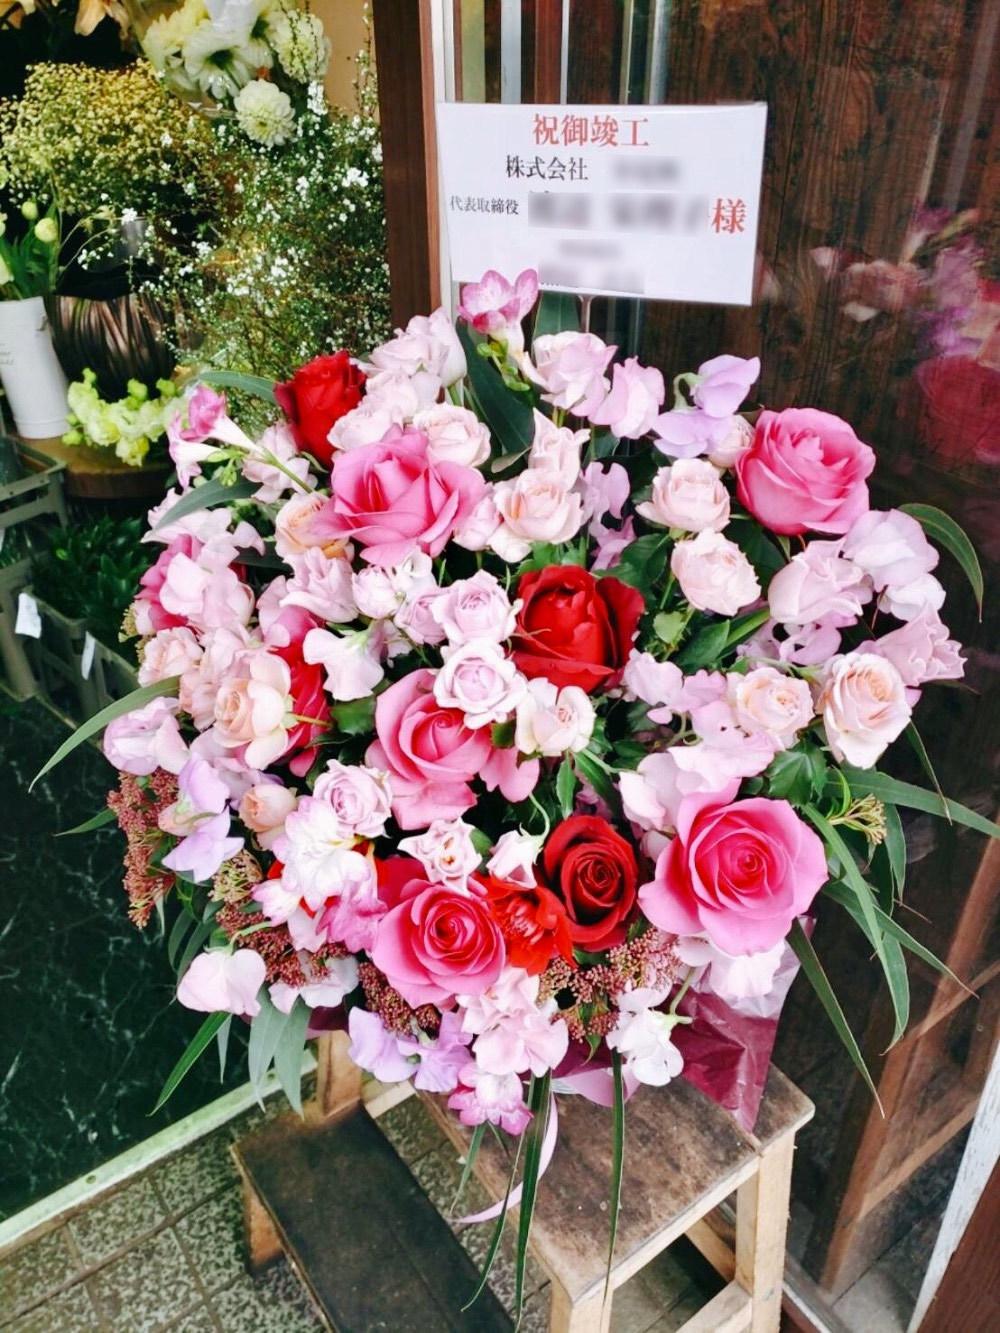 「女性の社長様へ」赤の印象的な竣工祝い花